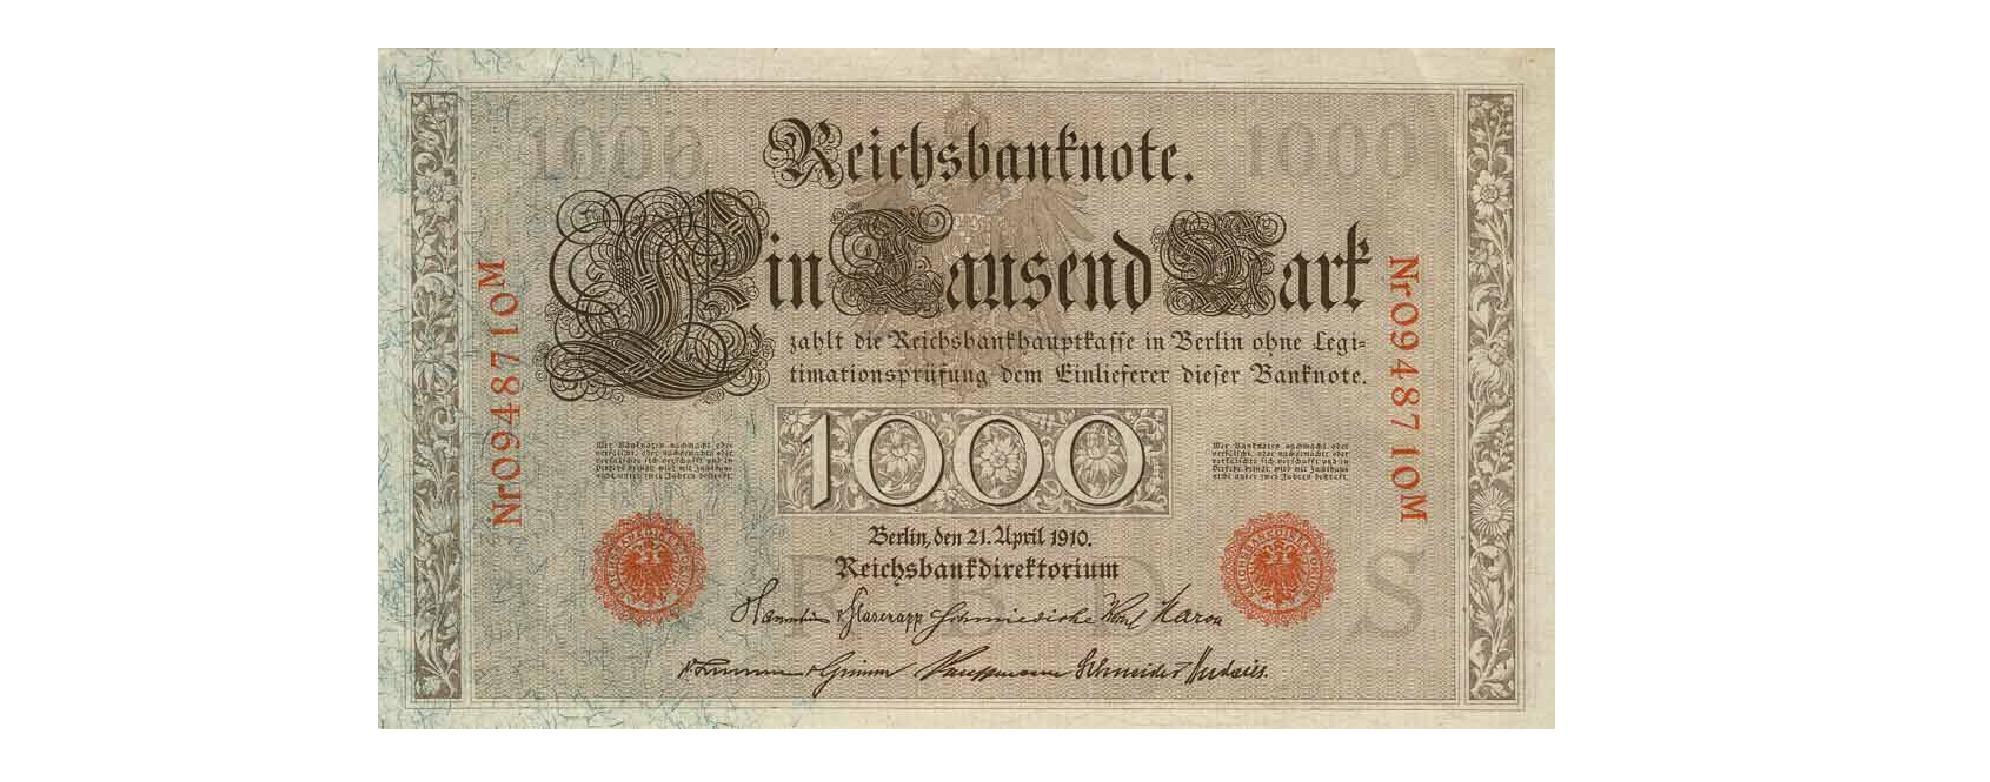 1000 mark Reichsbanknote 1910